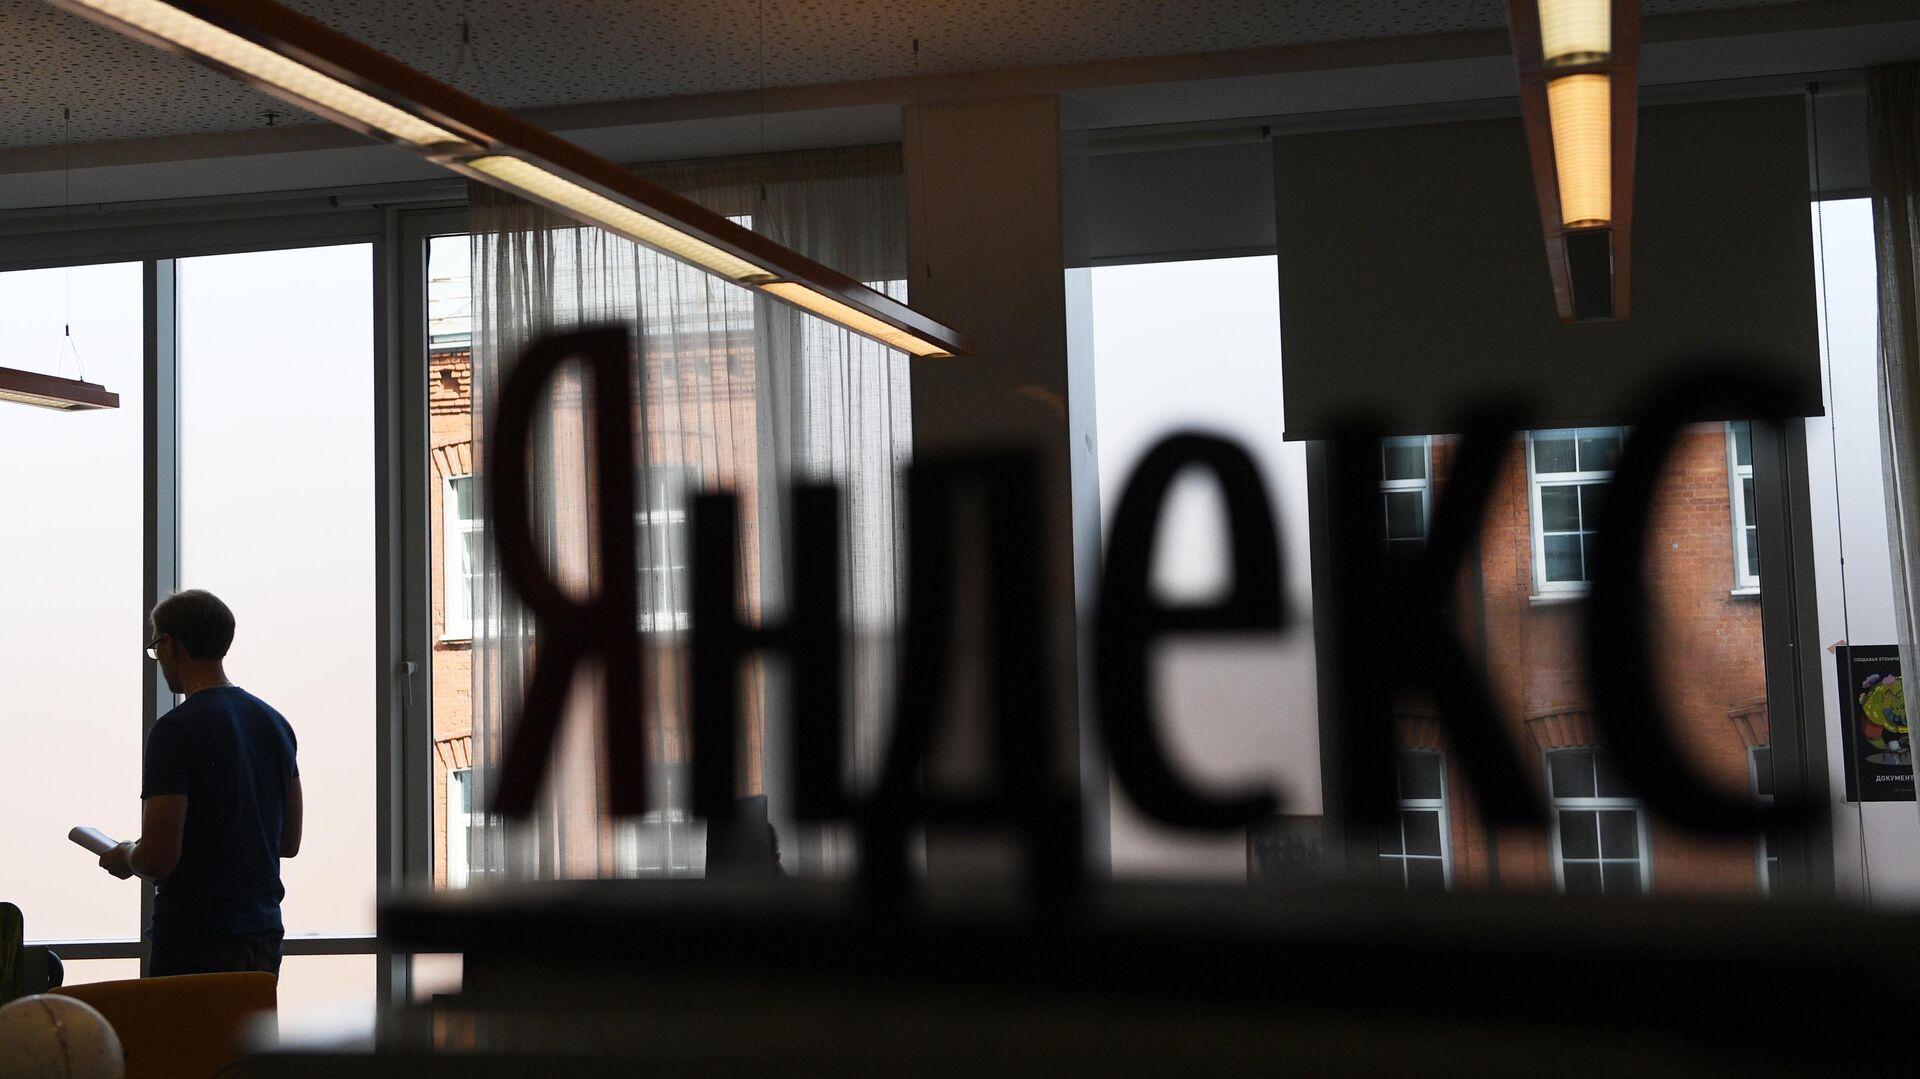 Офис компании Яндекс в Москве - РИА Новости, 1920, 01.06.2021